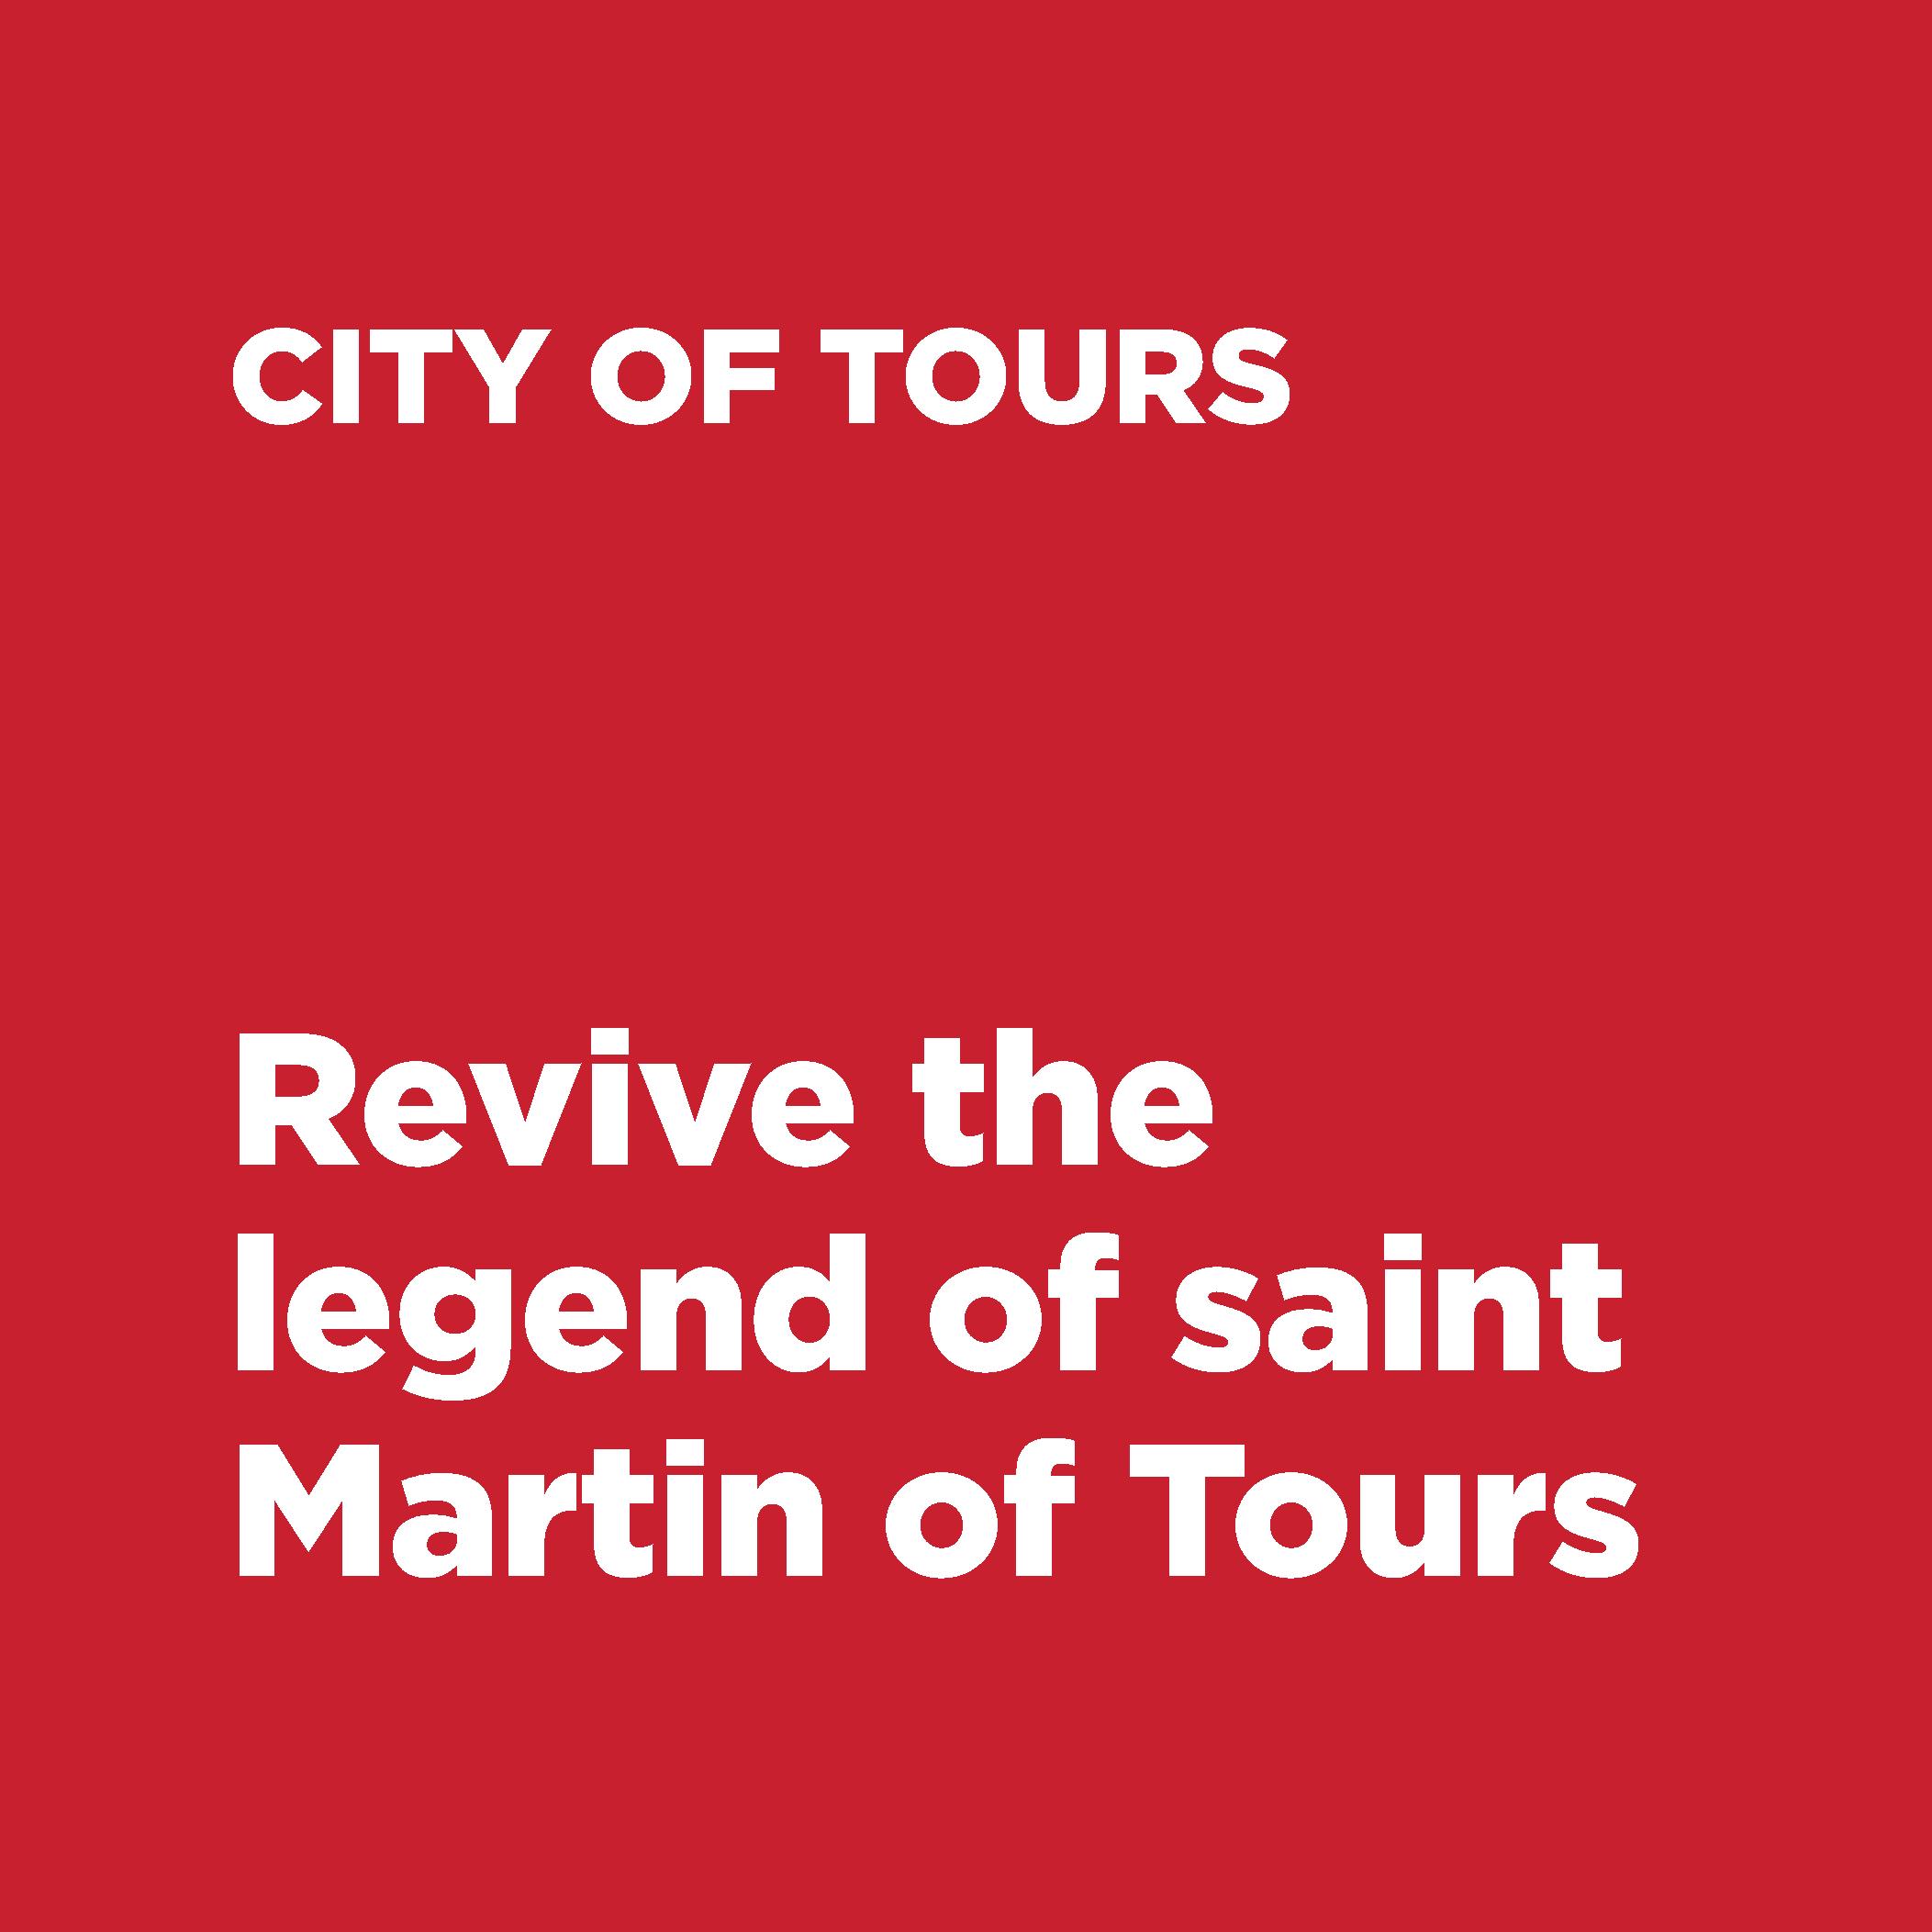 descriptif COMMUNICATION SAINT MARTIN DE TOURS VIKIU DESIGN